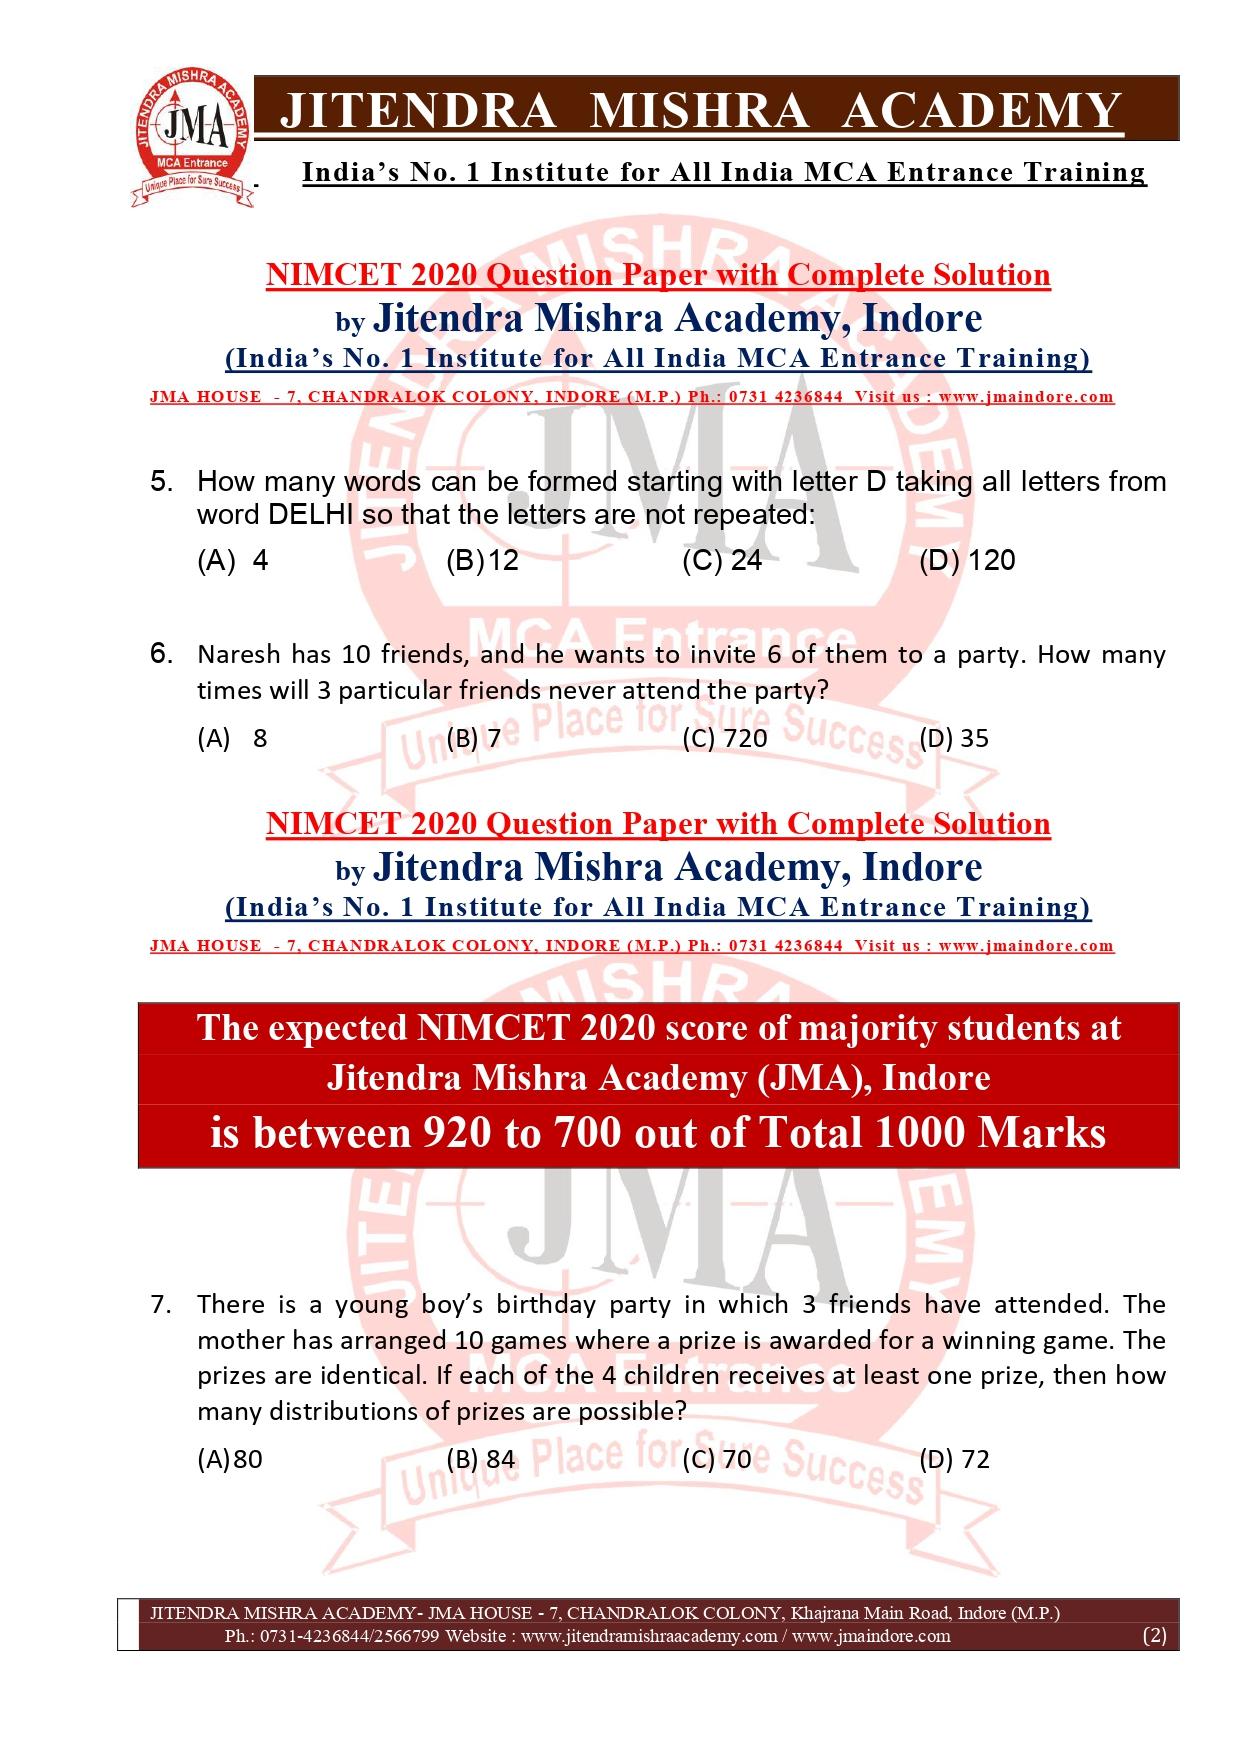 NIMCET 2020 QUESTION PAPER (FINAL)_page-0002